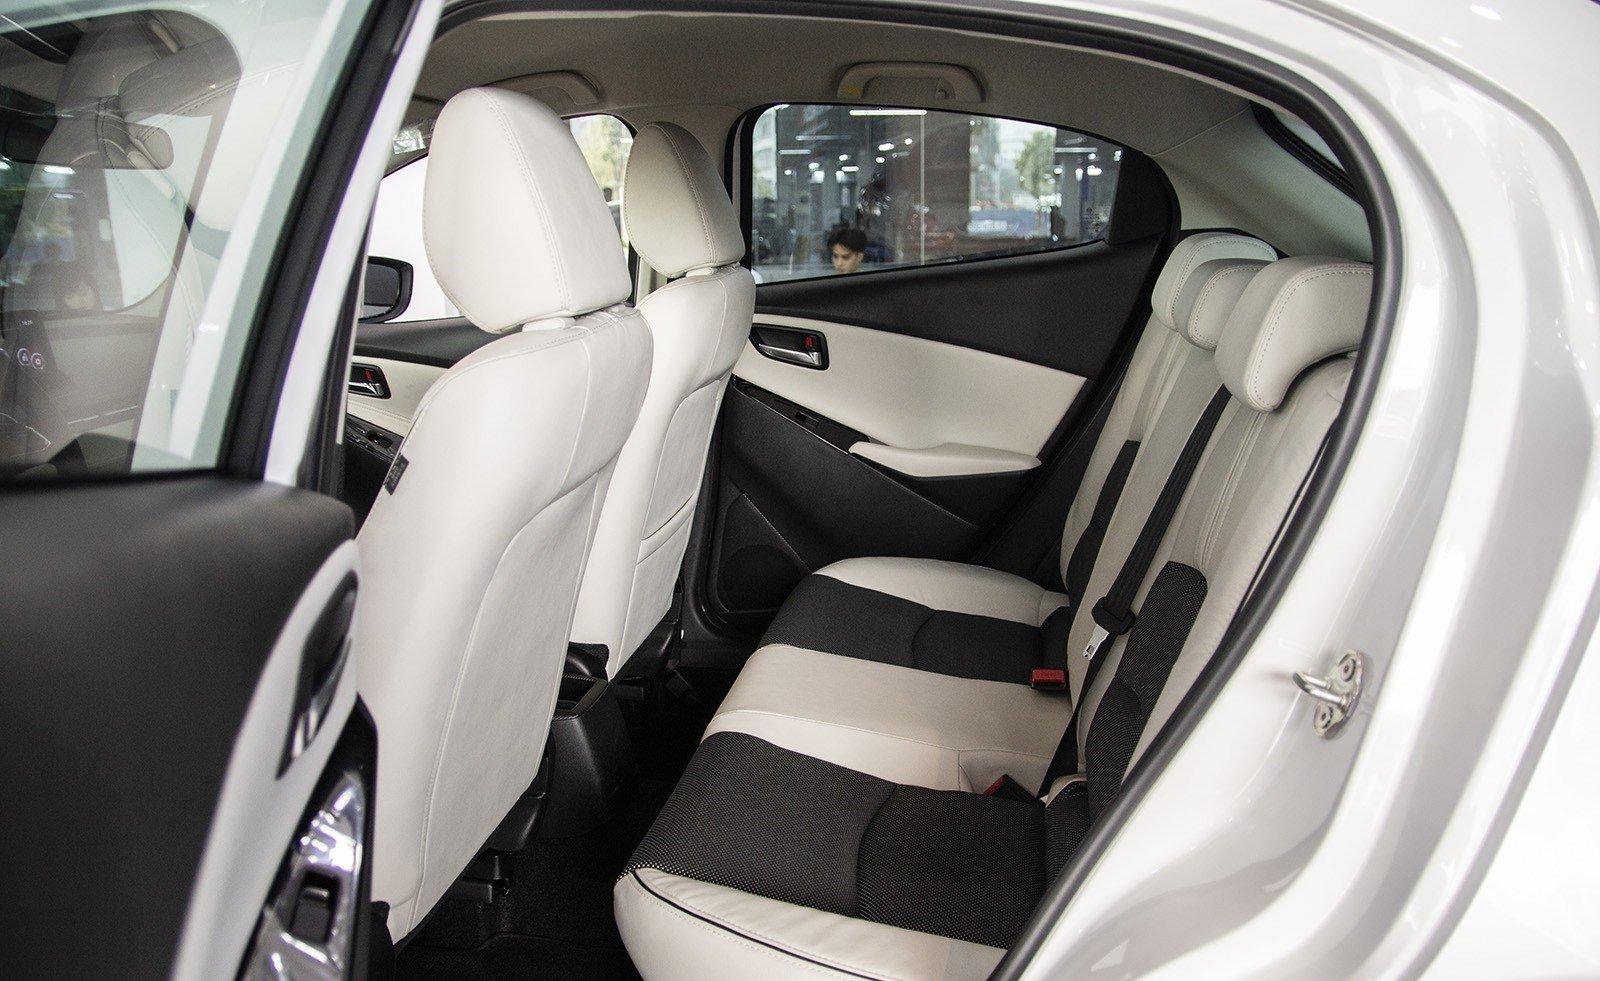 Mua xe o to gia 600 trieu dong chon Hyundai Accent 1.4 AT Dac biet hay Mazda 2 Hatchback SE 2019